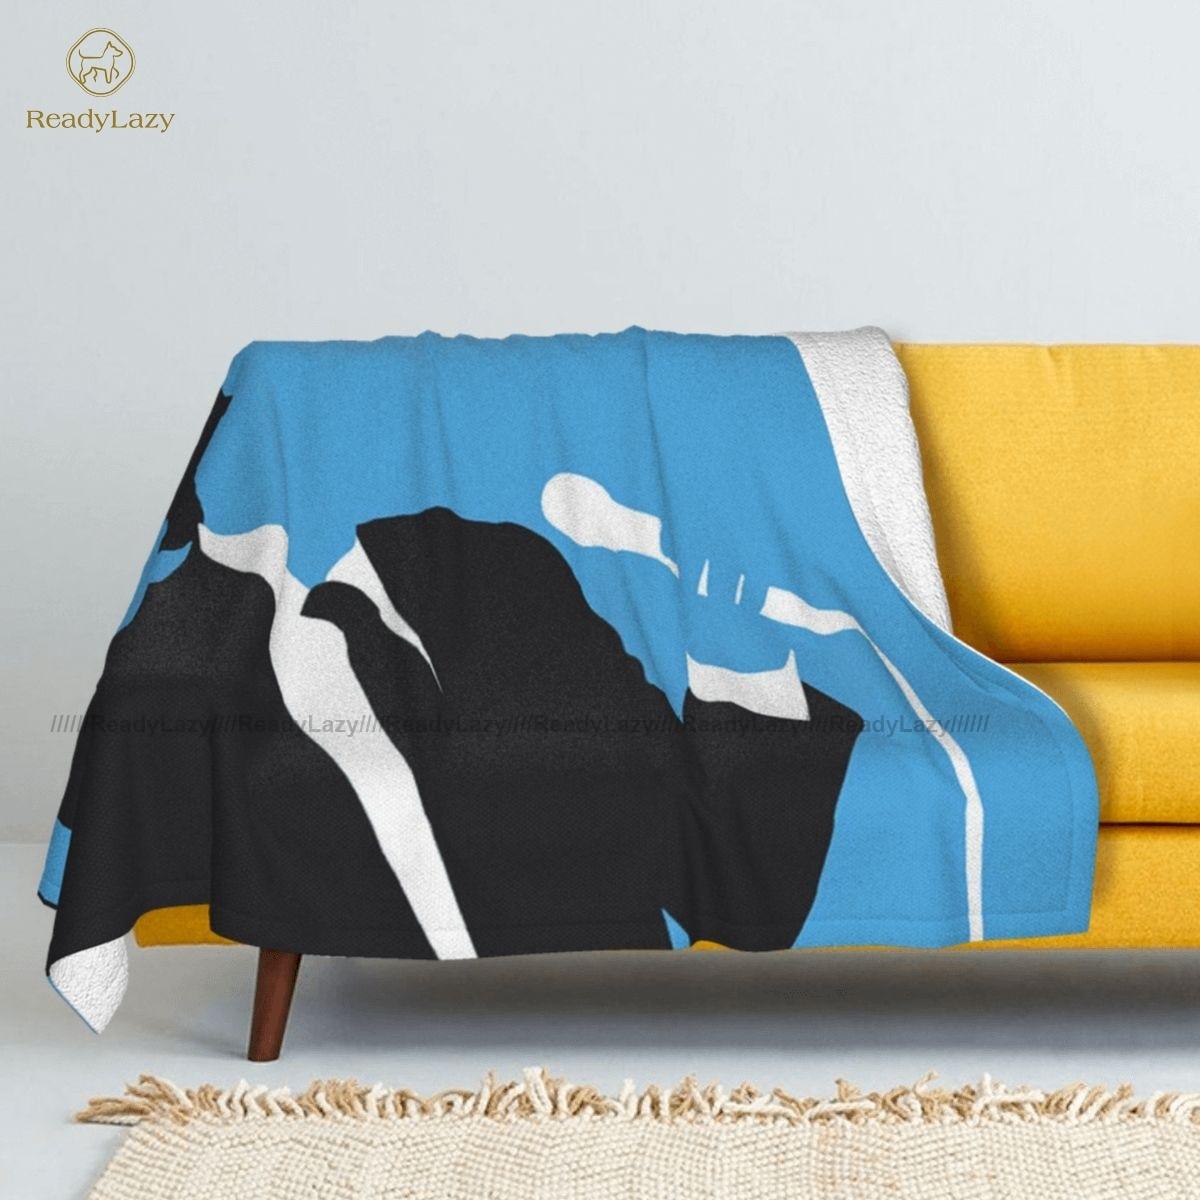 بطانية جوني هاليداي ، غطاء سرير من الصوف ، ناعم ومريح ، عصري ، صيفي